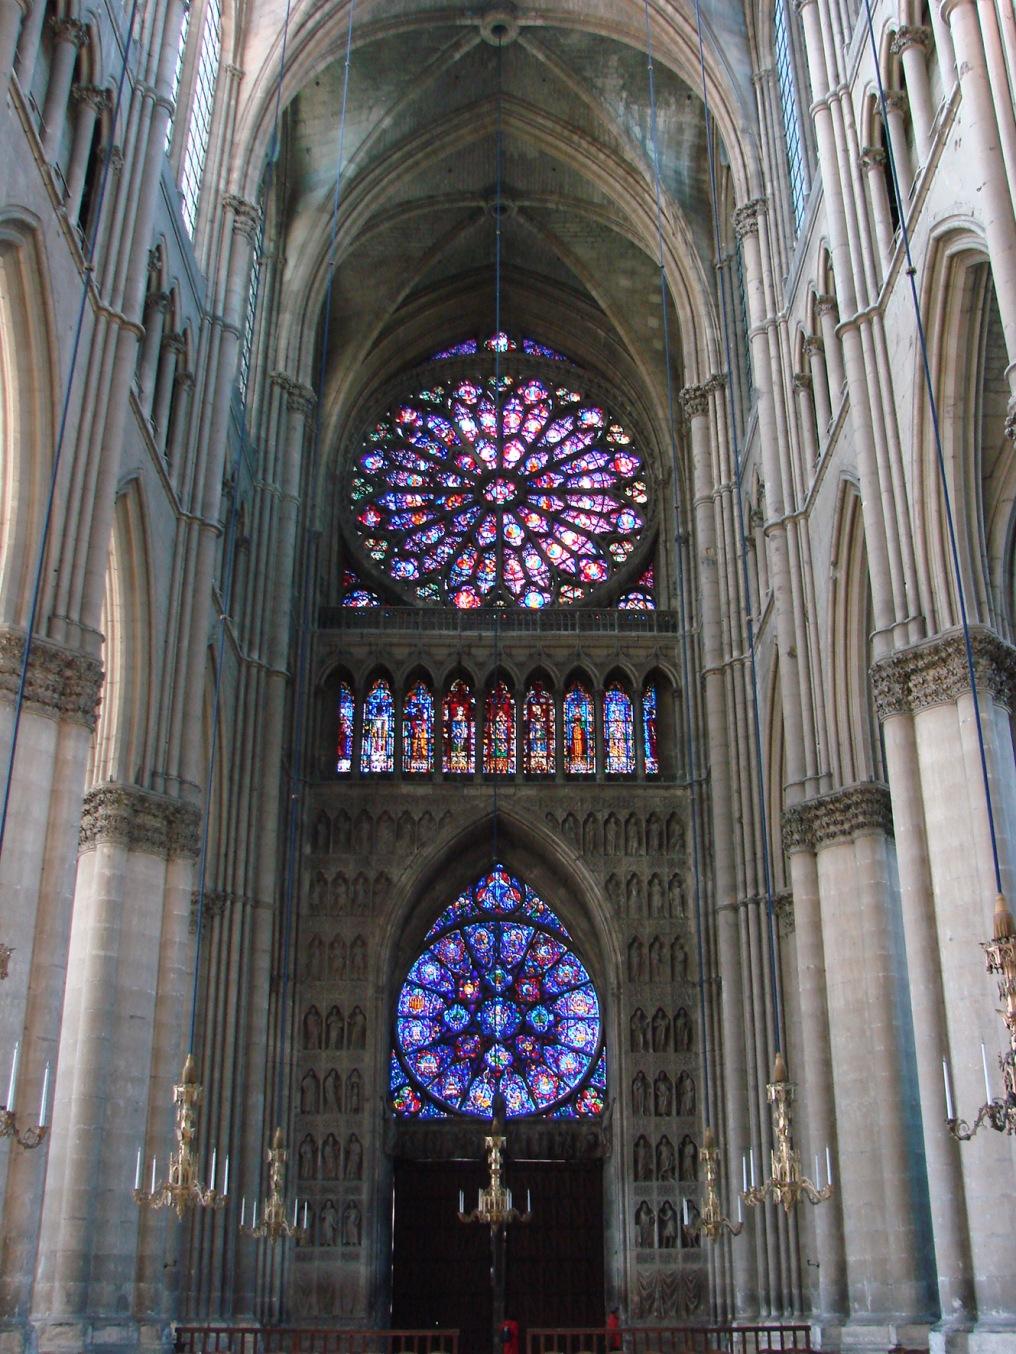 Cathédrale_de_Reims_intérieur.jpg